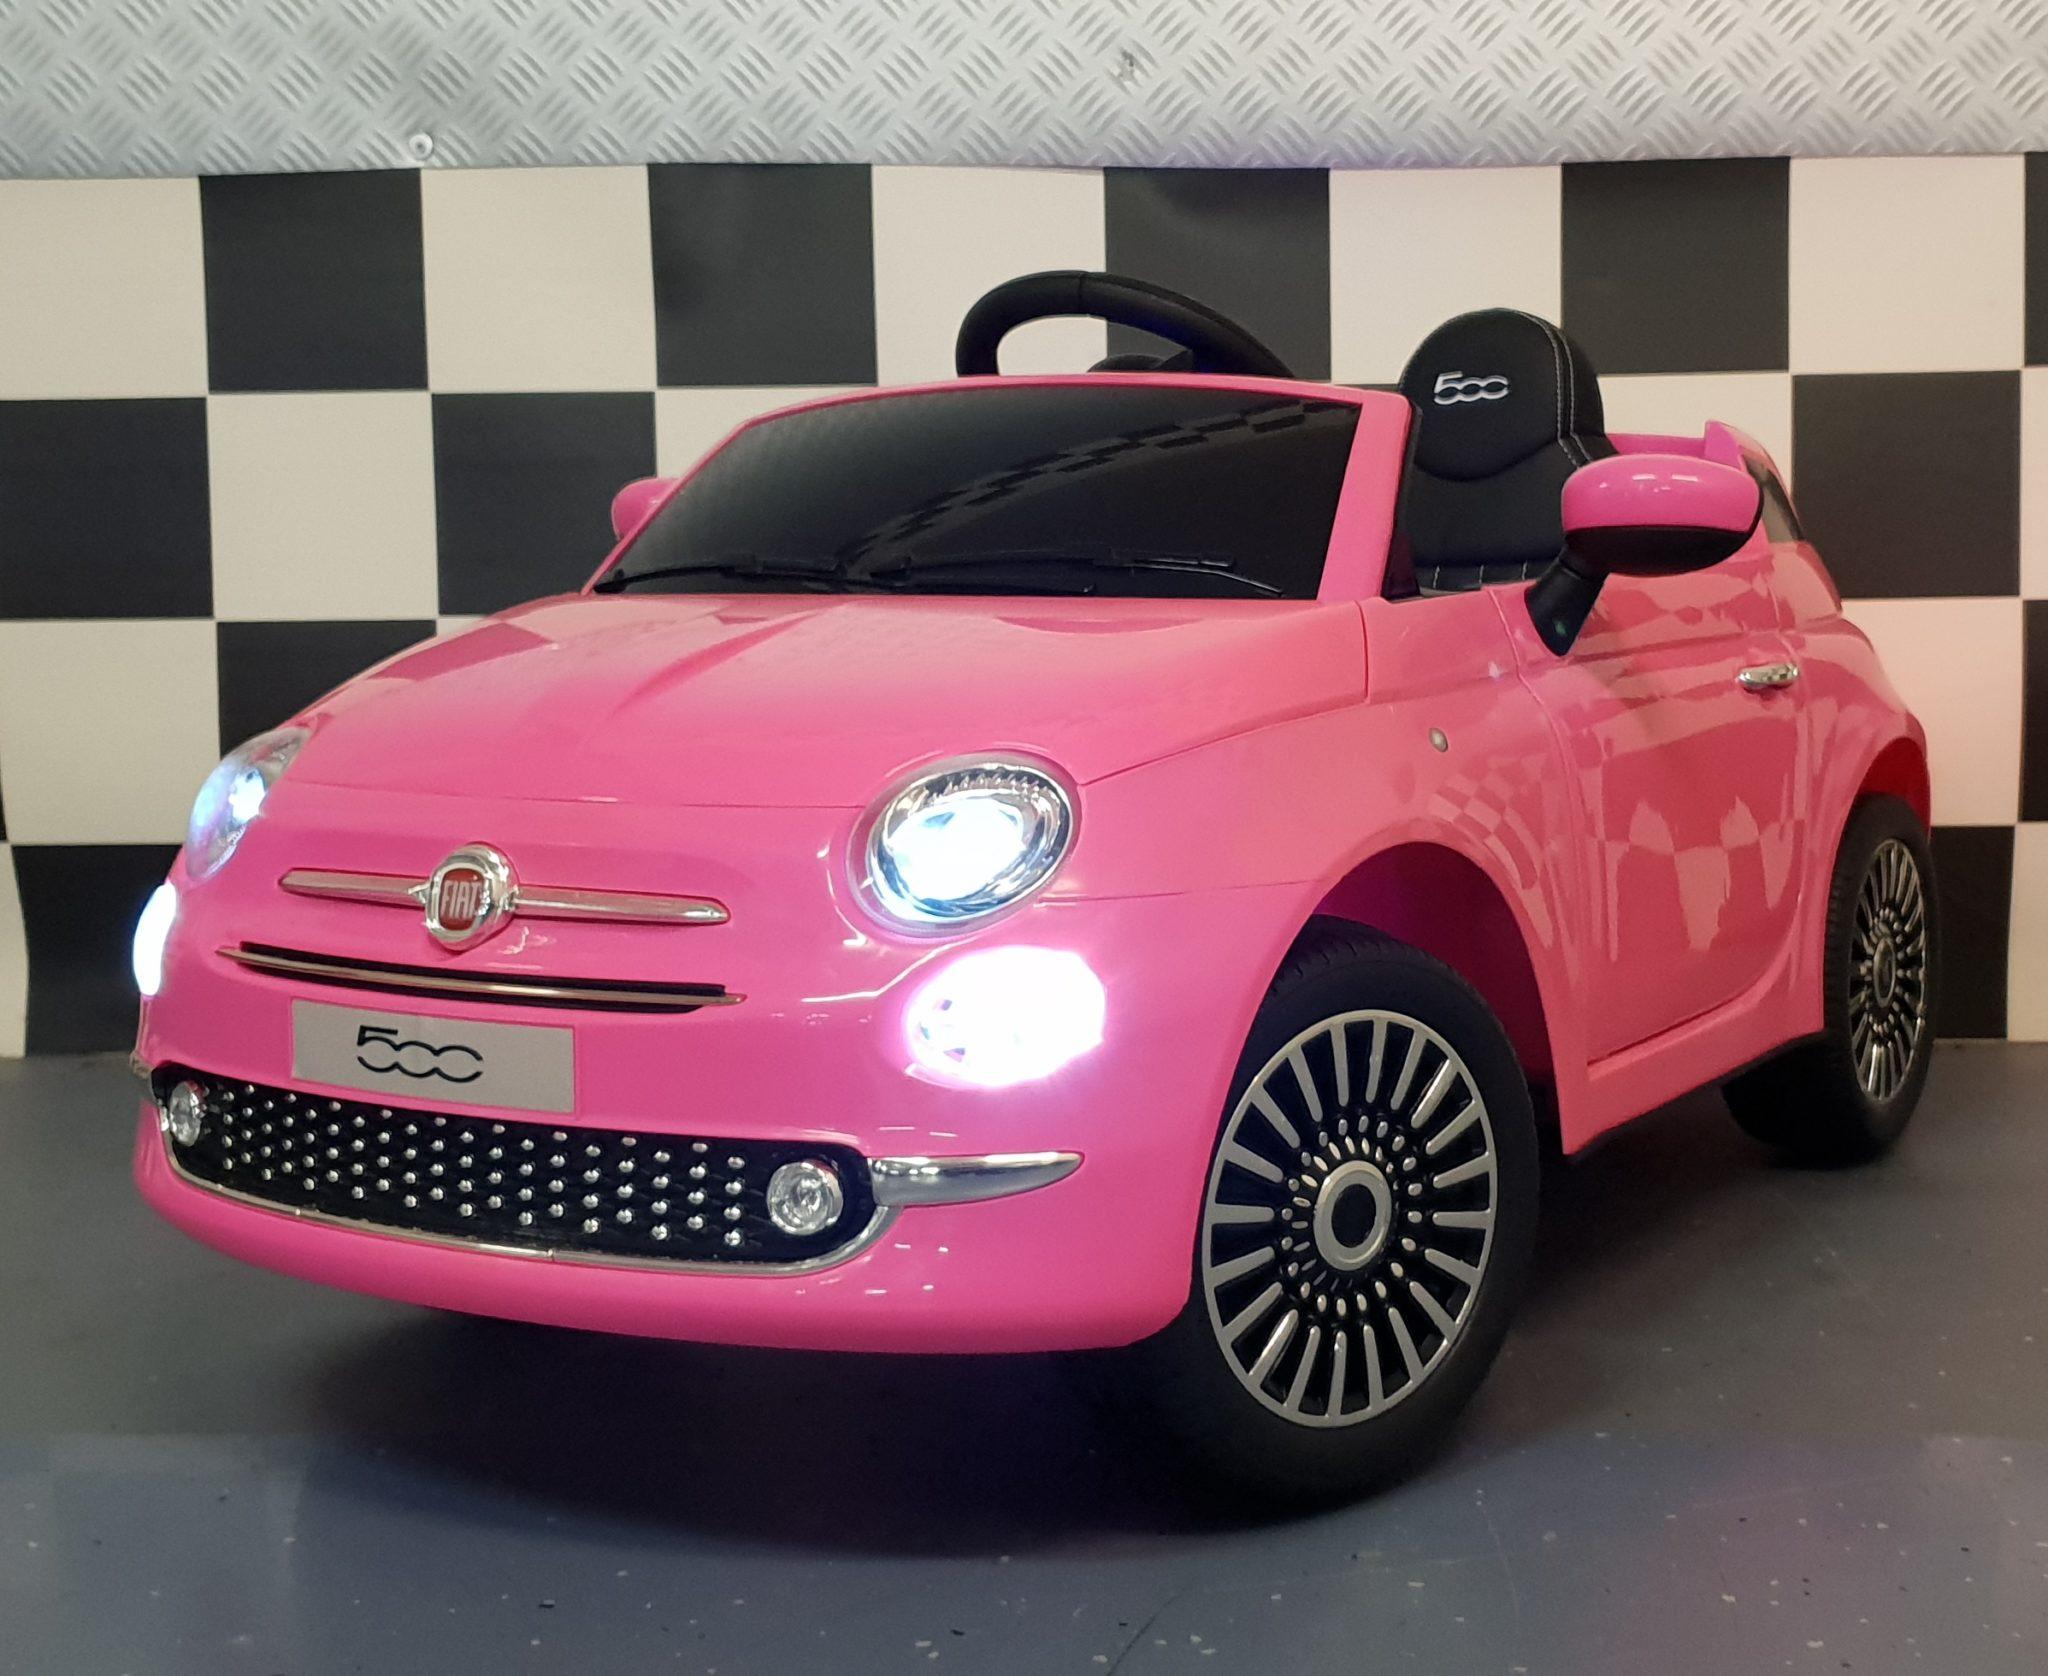 Fiat 500 accu kinder speelgoedauto 12 volt met afstandbediening roze